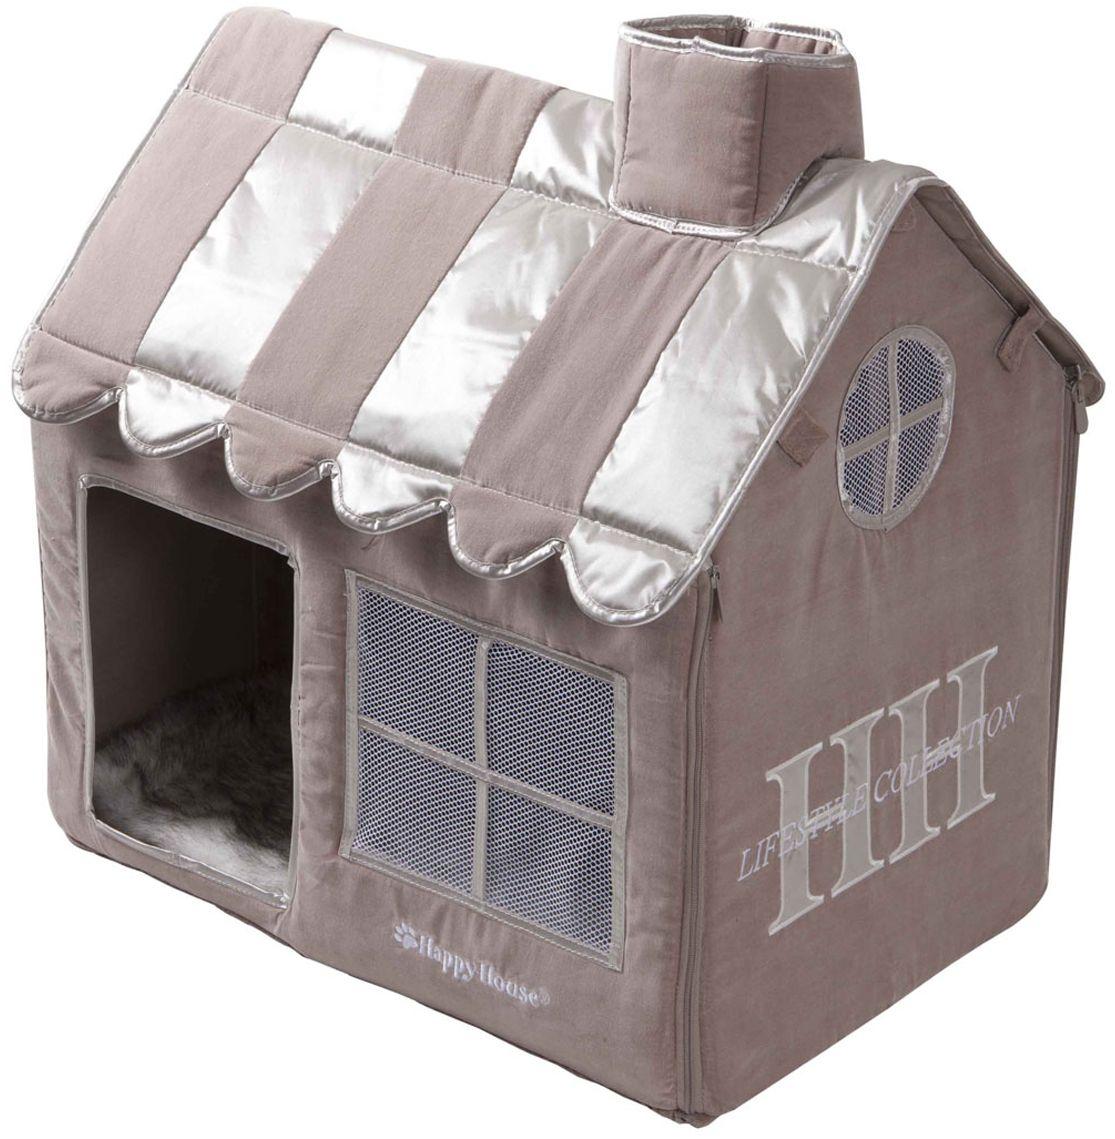 Домик для кошек Happy House Cat Lifestyle, цвет: серый, молочно-коричневый, 62 х 42 х 59 см8480-2Домик Happy House Cat Lifestyle непременно станет любимым местом отдыха вашего домашнего любимца. Изделие выполнено из картона и обтянуто бархатной тканью с атласными вставками. Внутри имеется мягкая съемная подстилка из искусственного меха. Крыша домика крепится при помощи липучек и полностью снимается, а каркас соединяется застежкой-молнией. В таком домике вашему питомцу будет мягко и тепло. Он подарит ему ощущение уюта и уединенности, а также возможность спрятаться. Очень удобен для транспортировки и легко складывается.